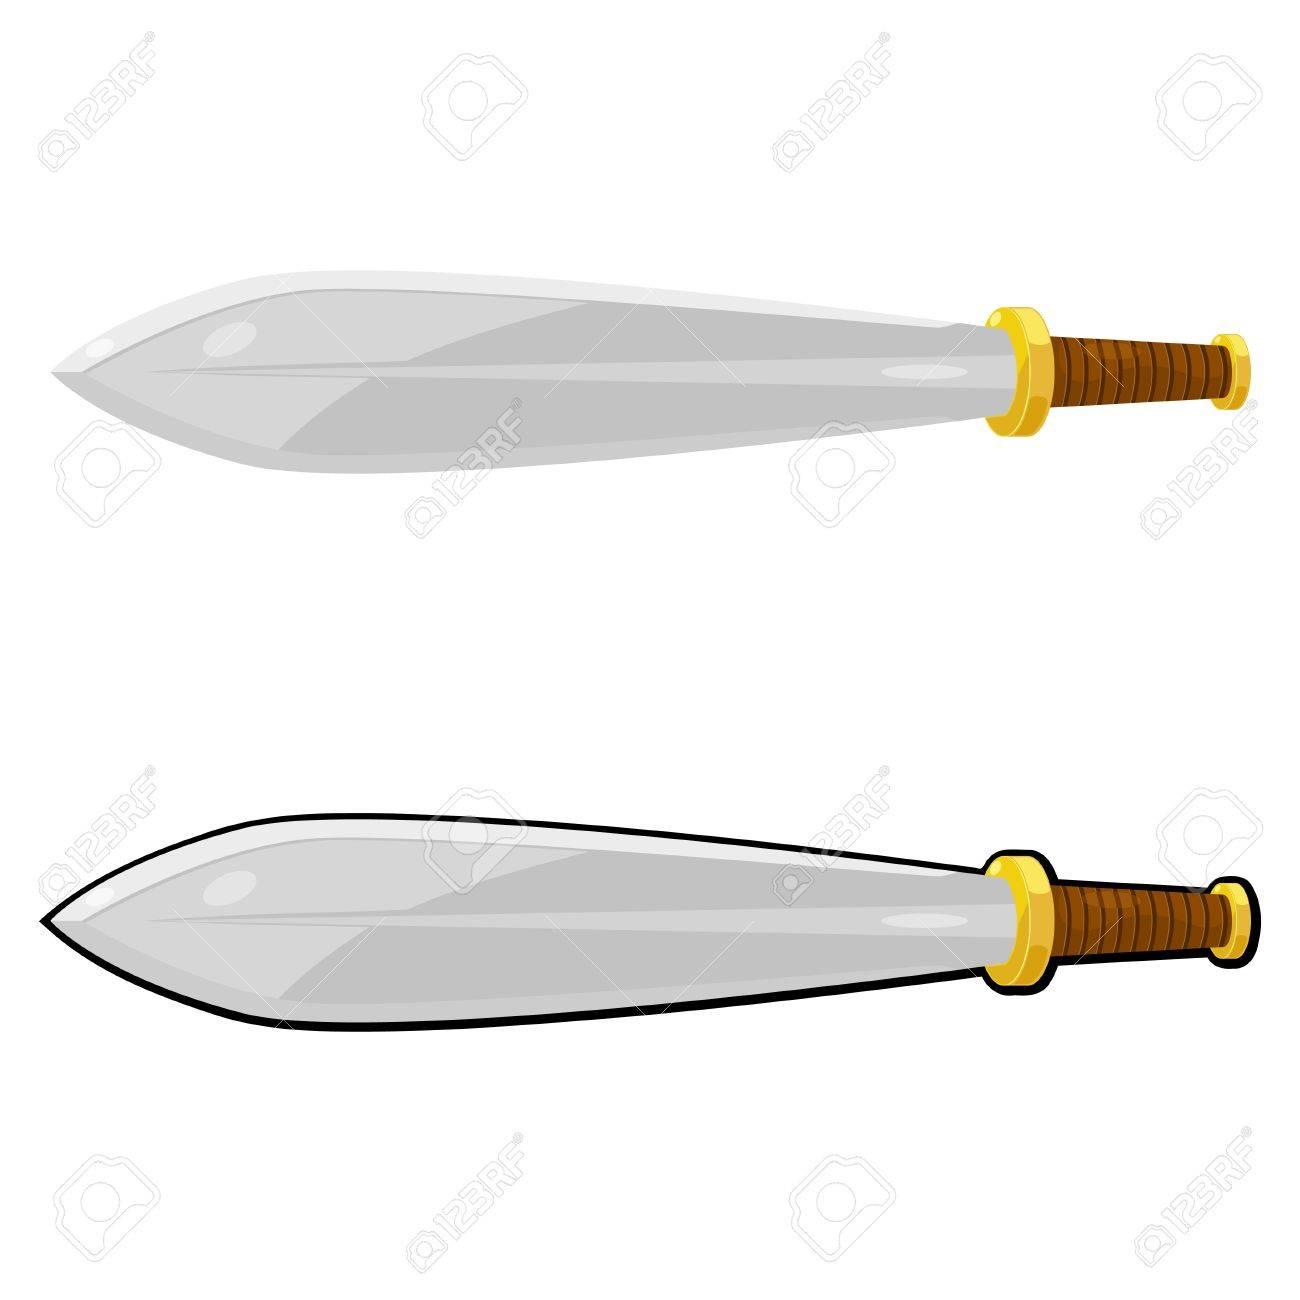 Cartoon sword. Stock Vector - 16109064